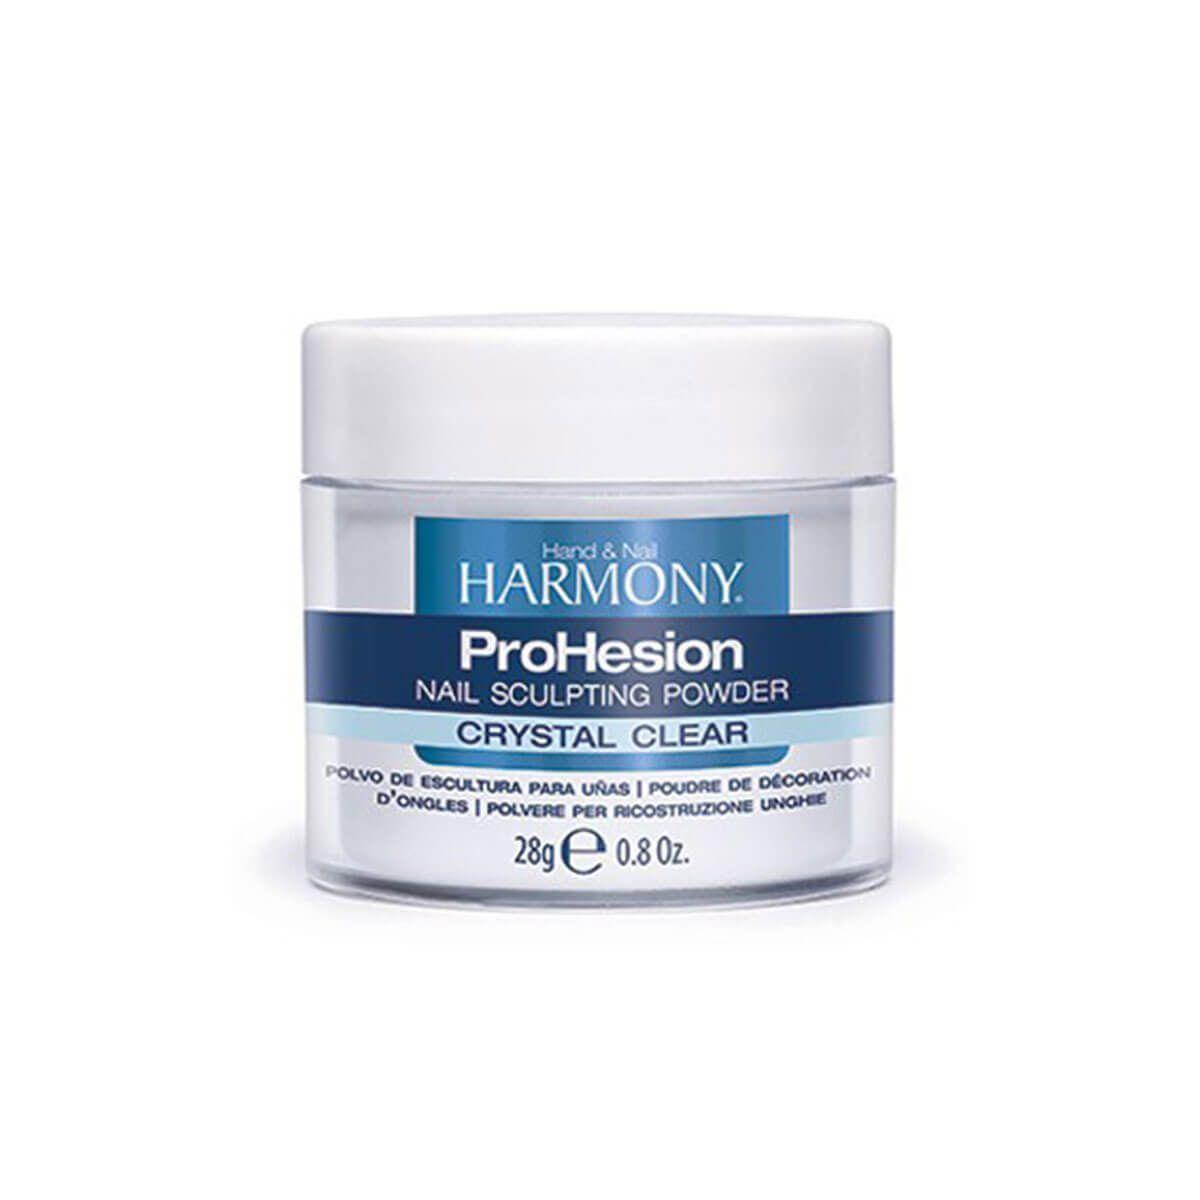 Pó Acrílico Harmony ProHesion Cristal Clear 28g